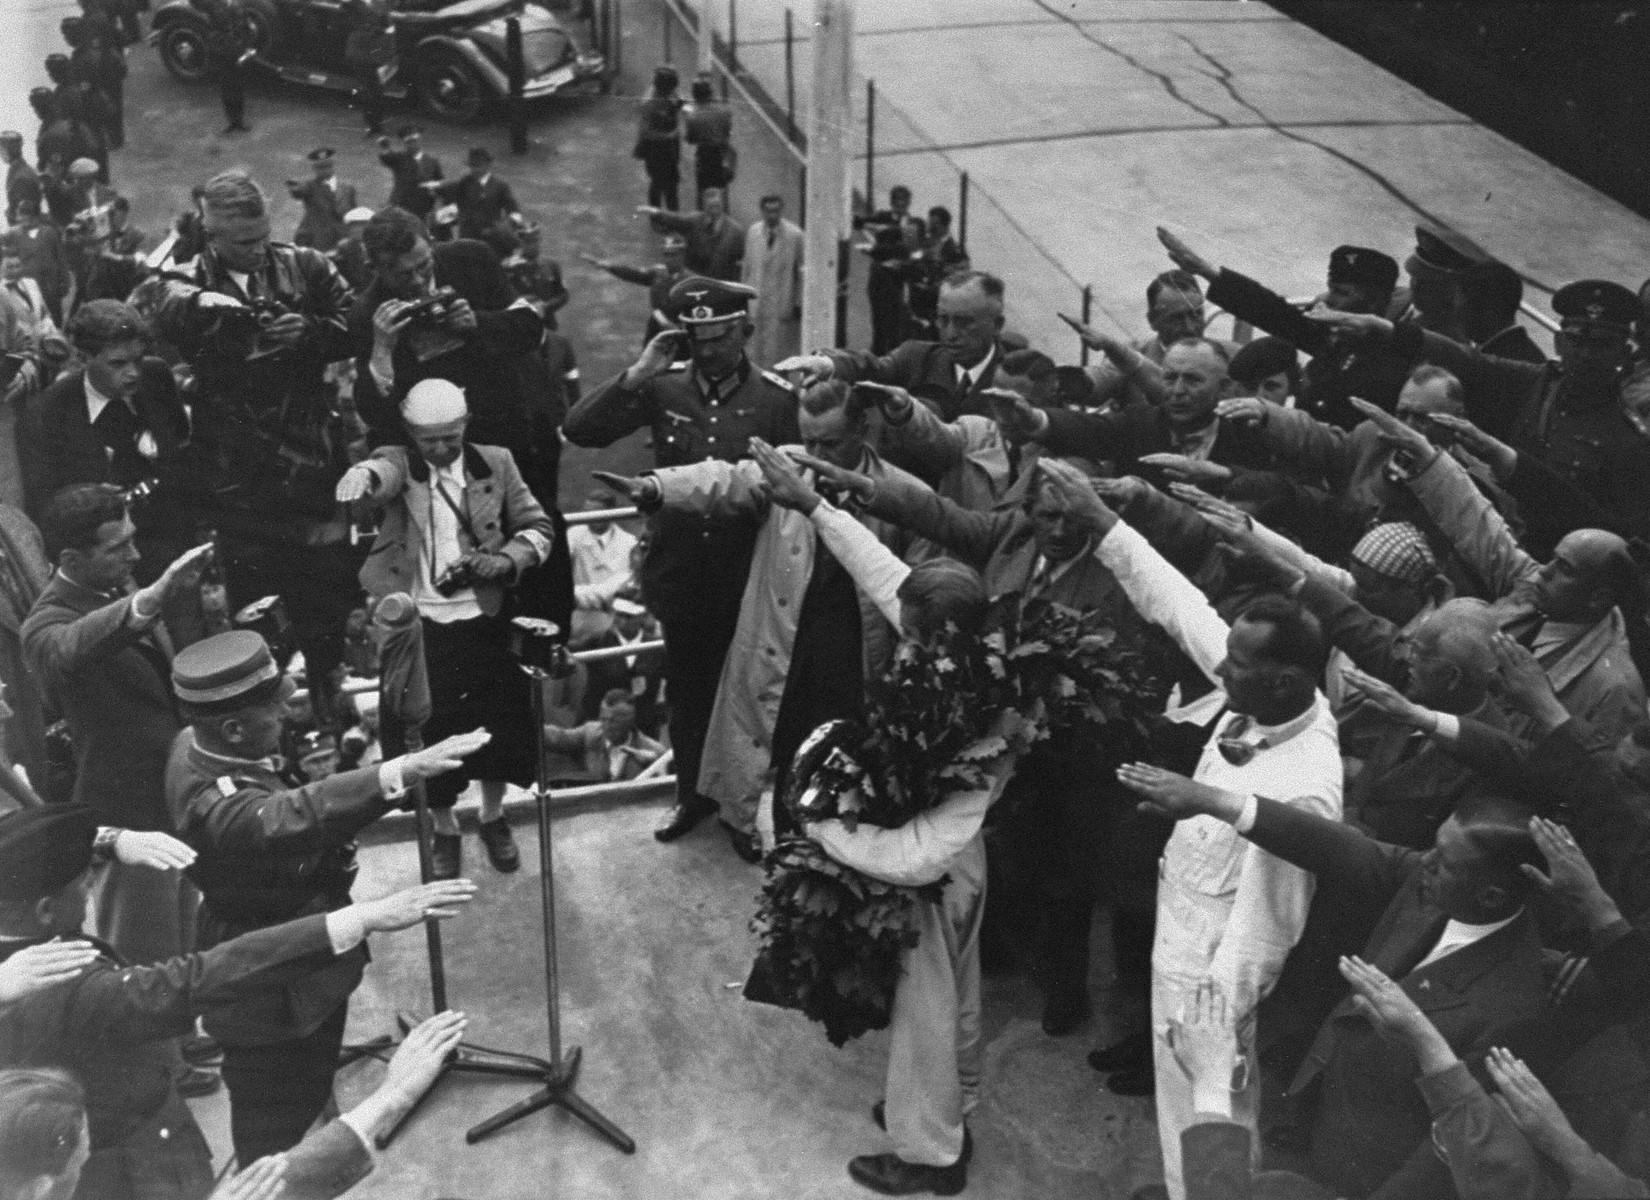 Reich Sport Leader Hans von Tschammer und Osten makes an announcement during the Berlin Olympic Games.